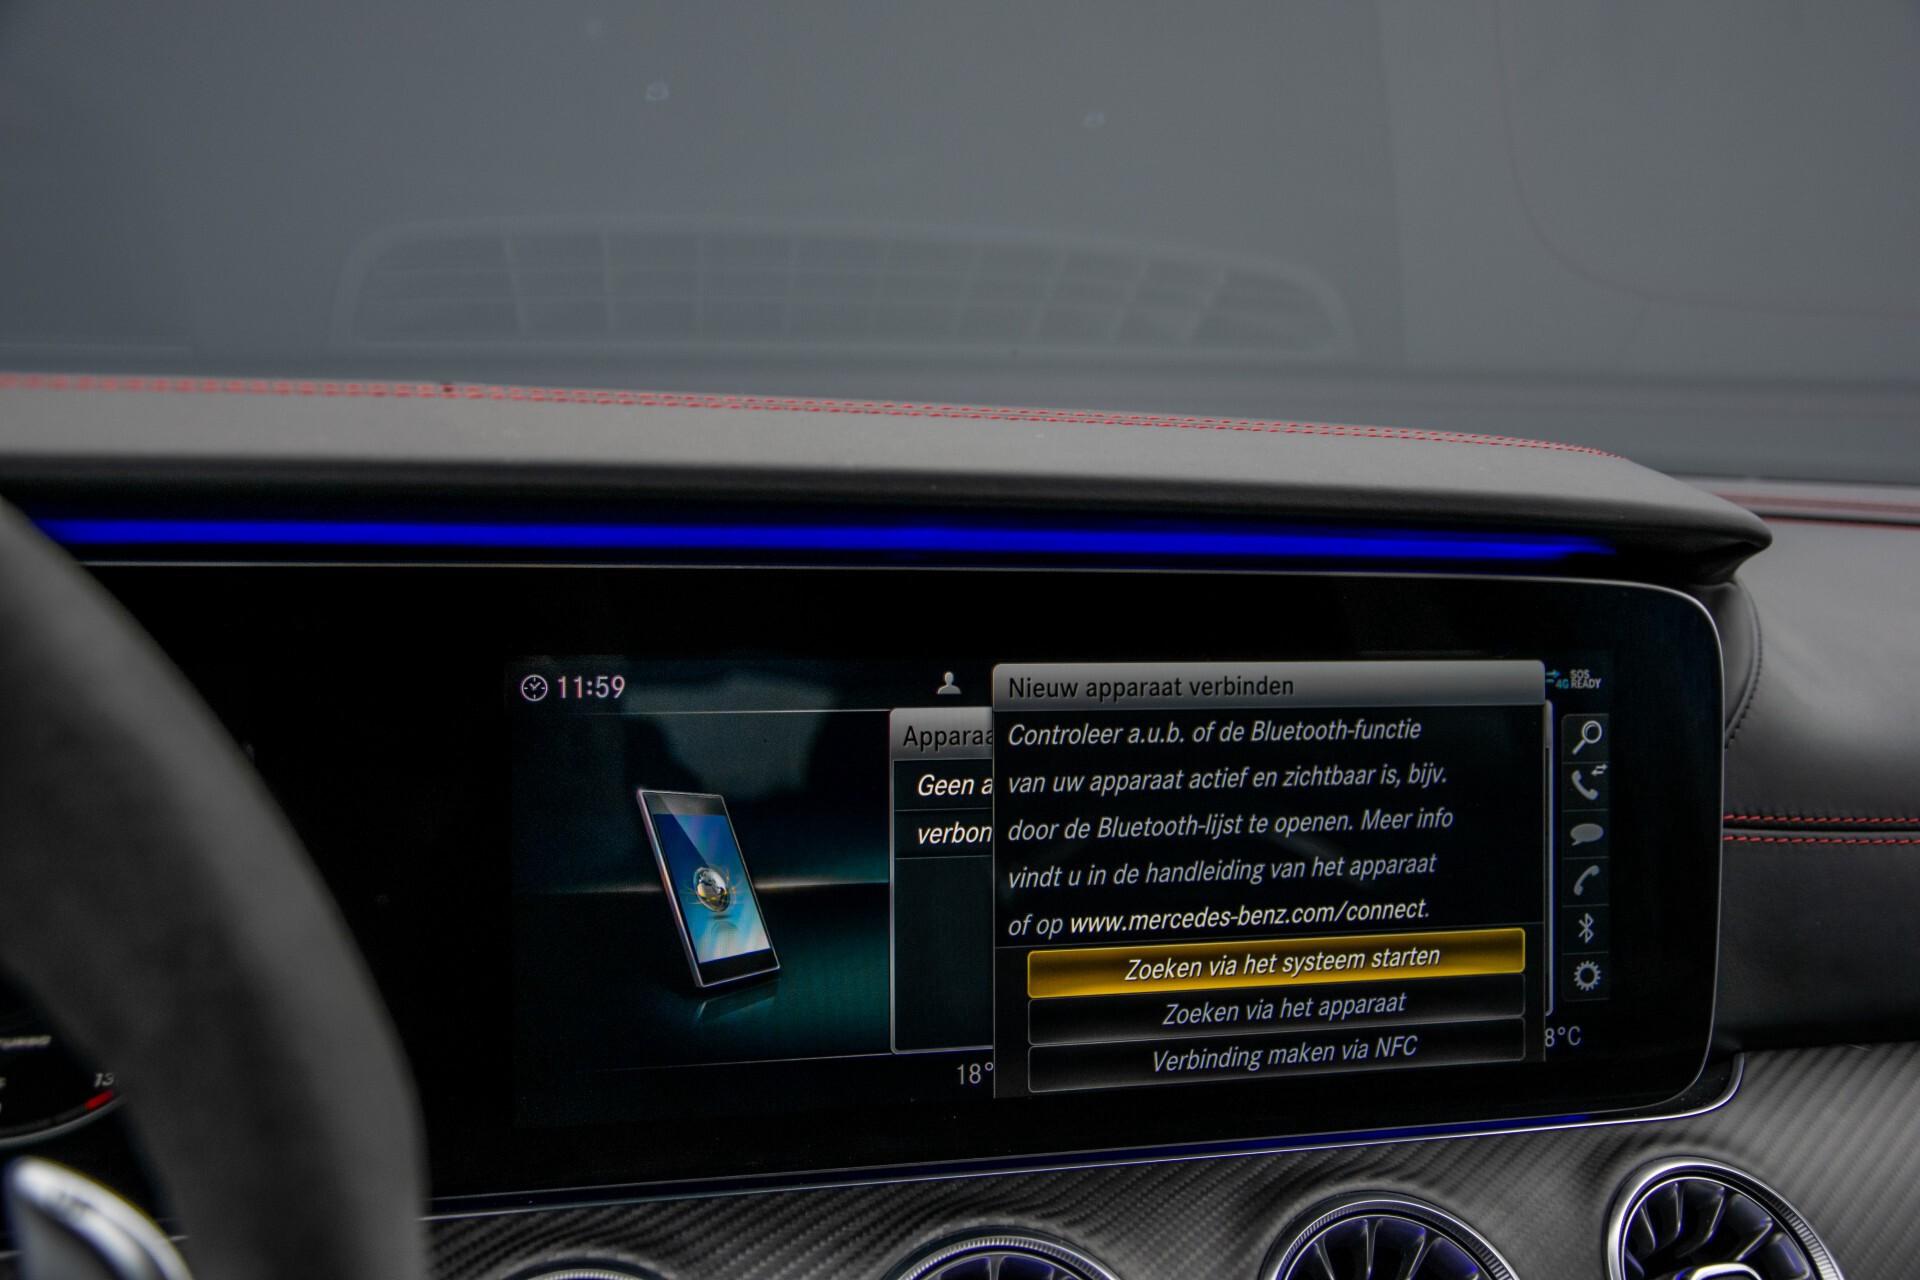 Mercedes-Benz AMG GT 4-Door Coupe 63 S 4M+ Keramisch/Full Carbon/Aerodynamica/Burmester 3D/TV/Performance stoelen/Standkachel Aut9 Foto 25